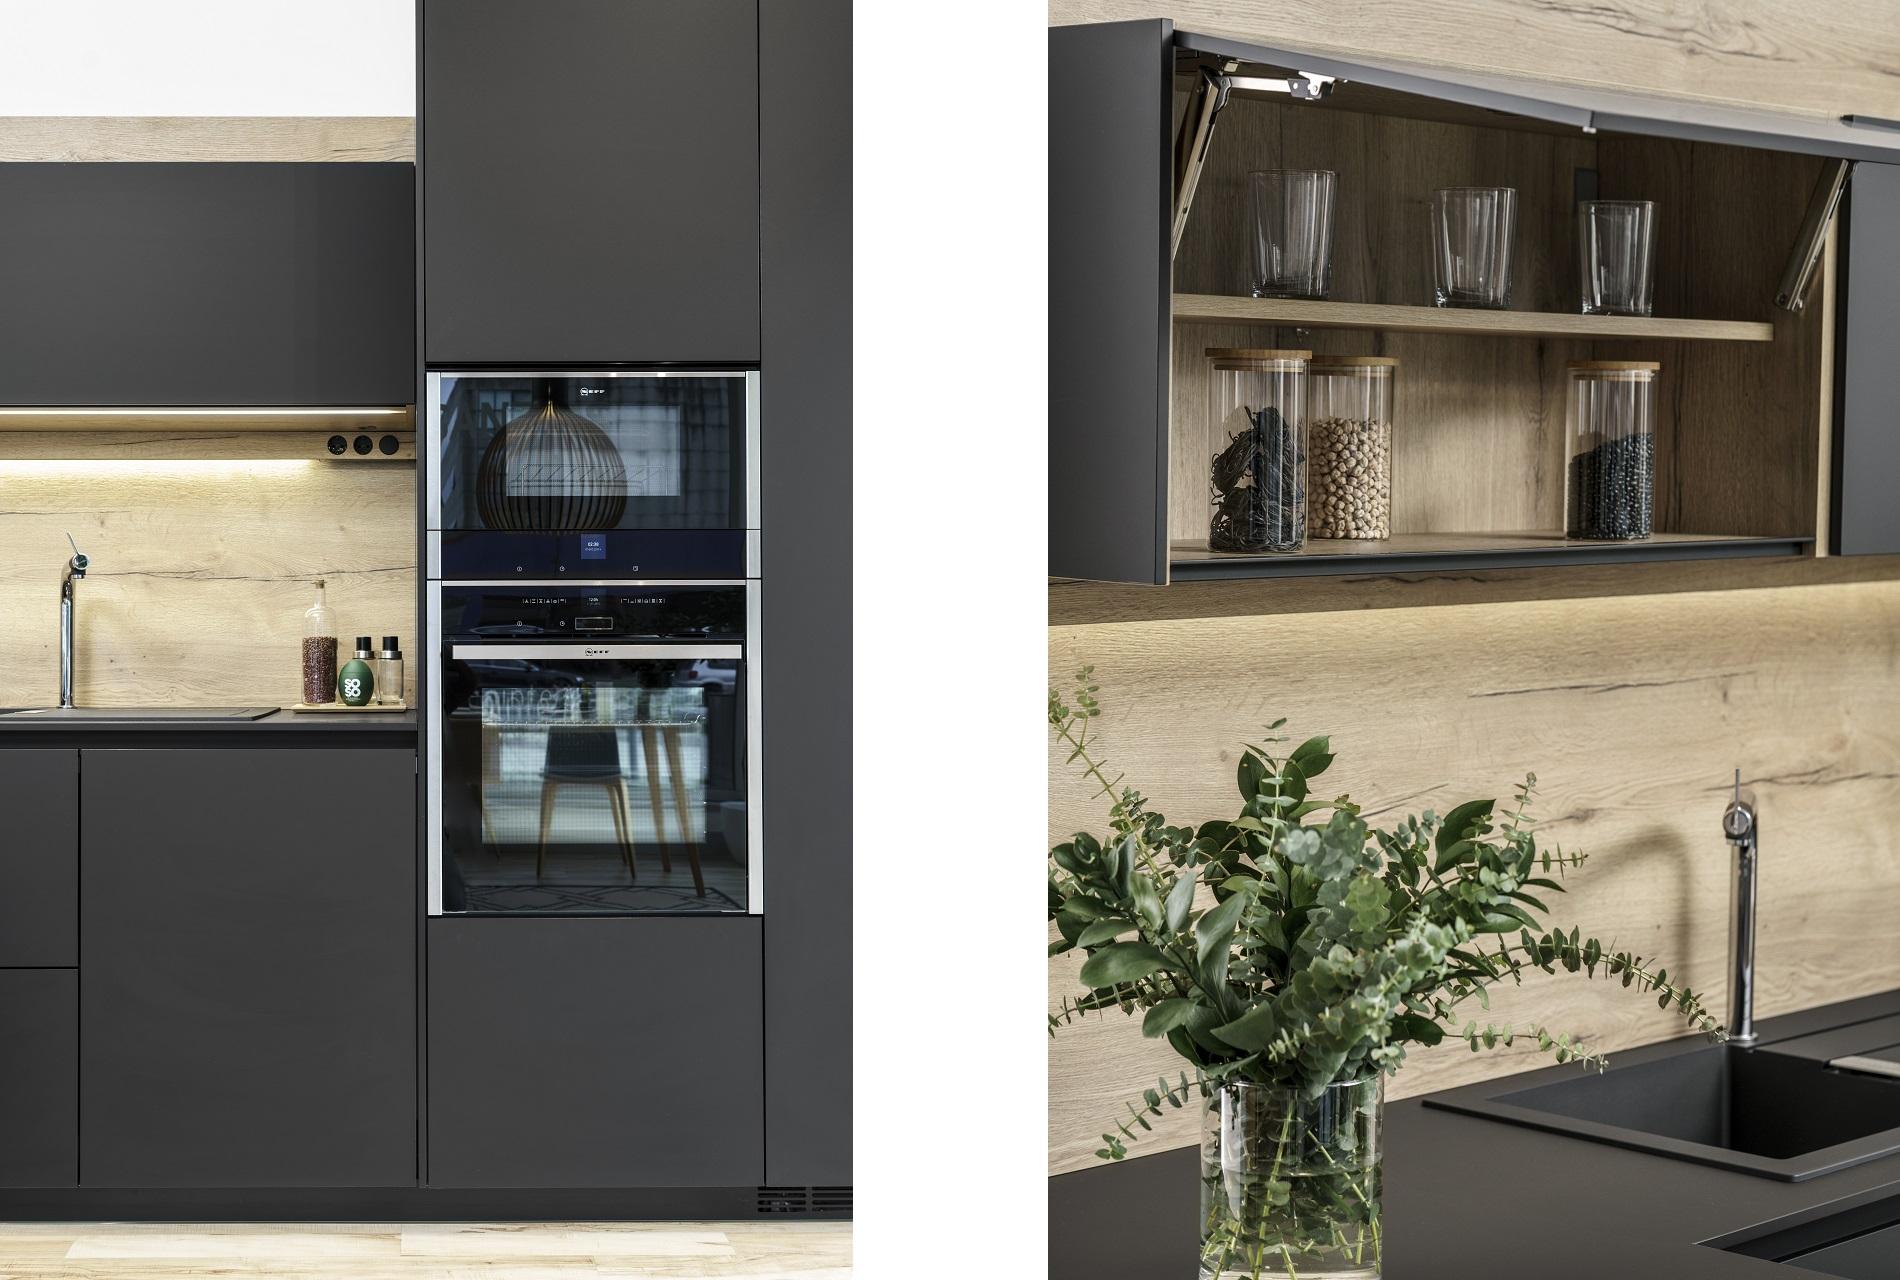 Image cocina-outlet-santos-santiago-interiores